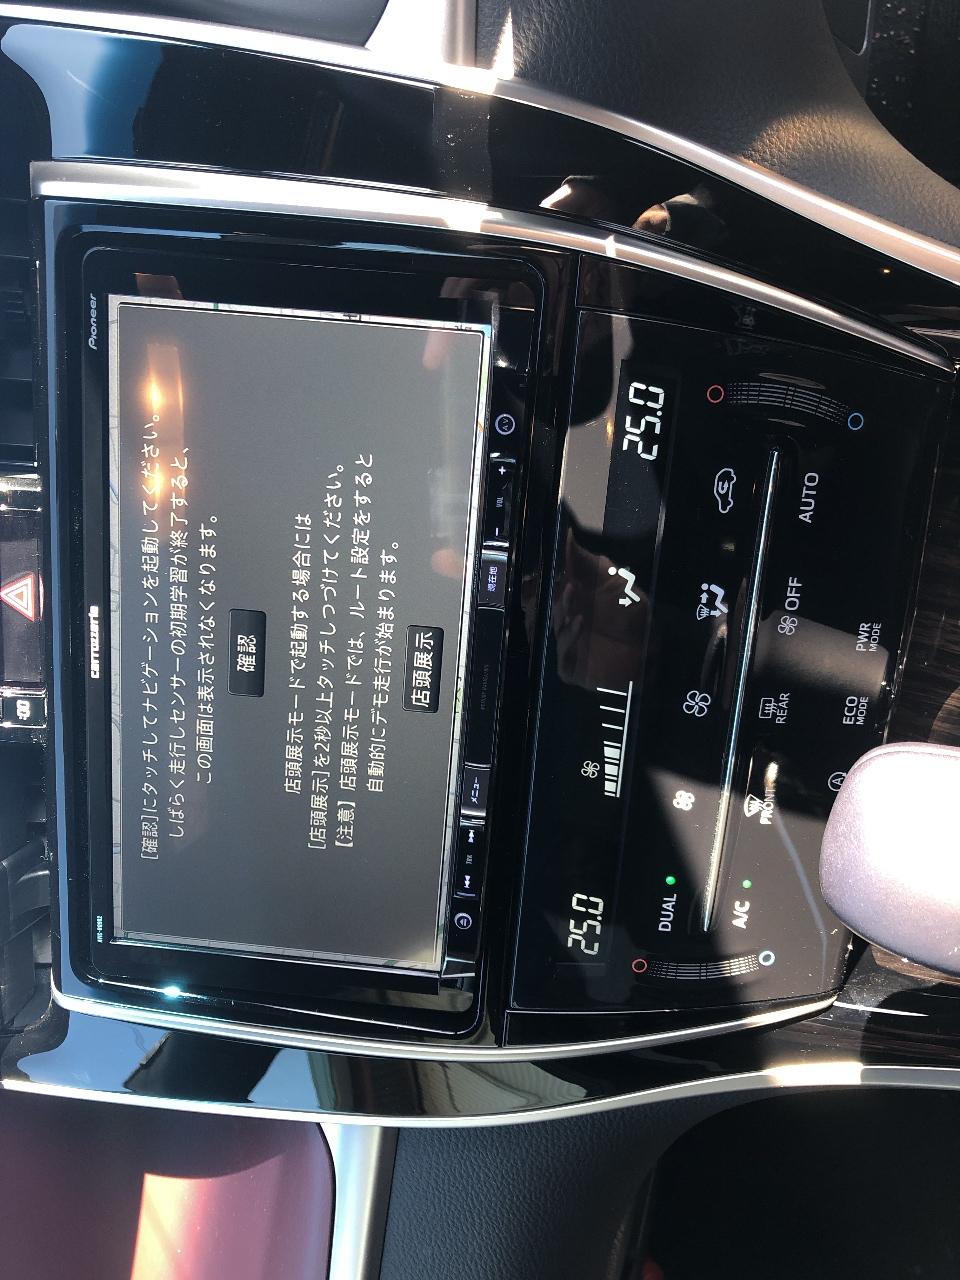 ハリアー60系前期 9インチナビ取り付けAVIC-RQ902